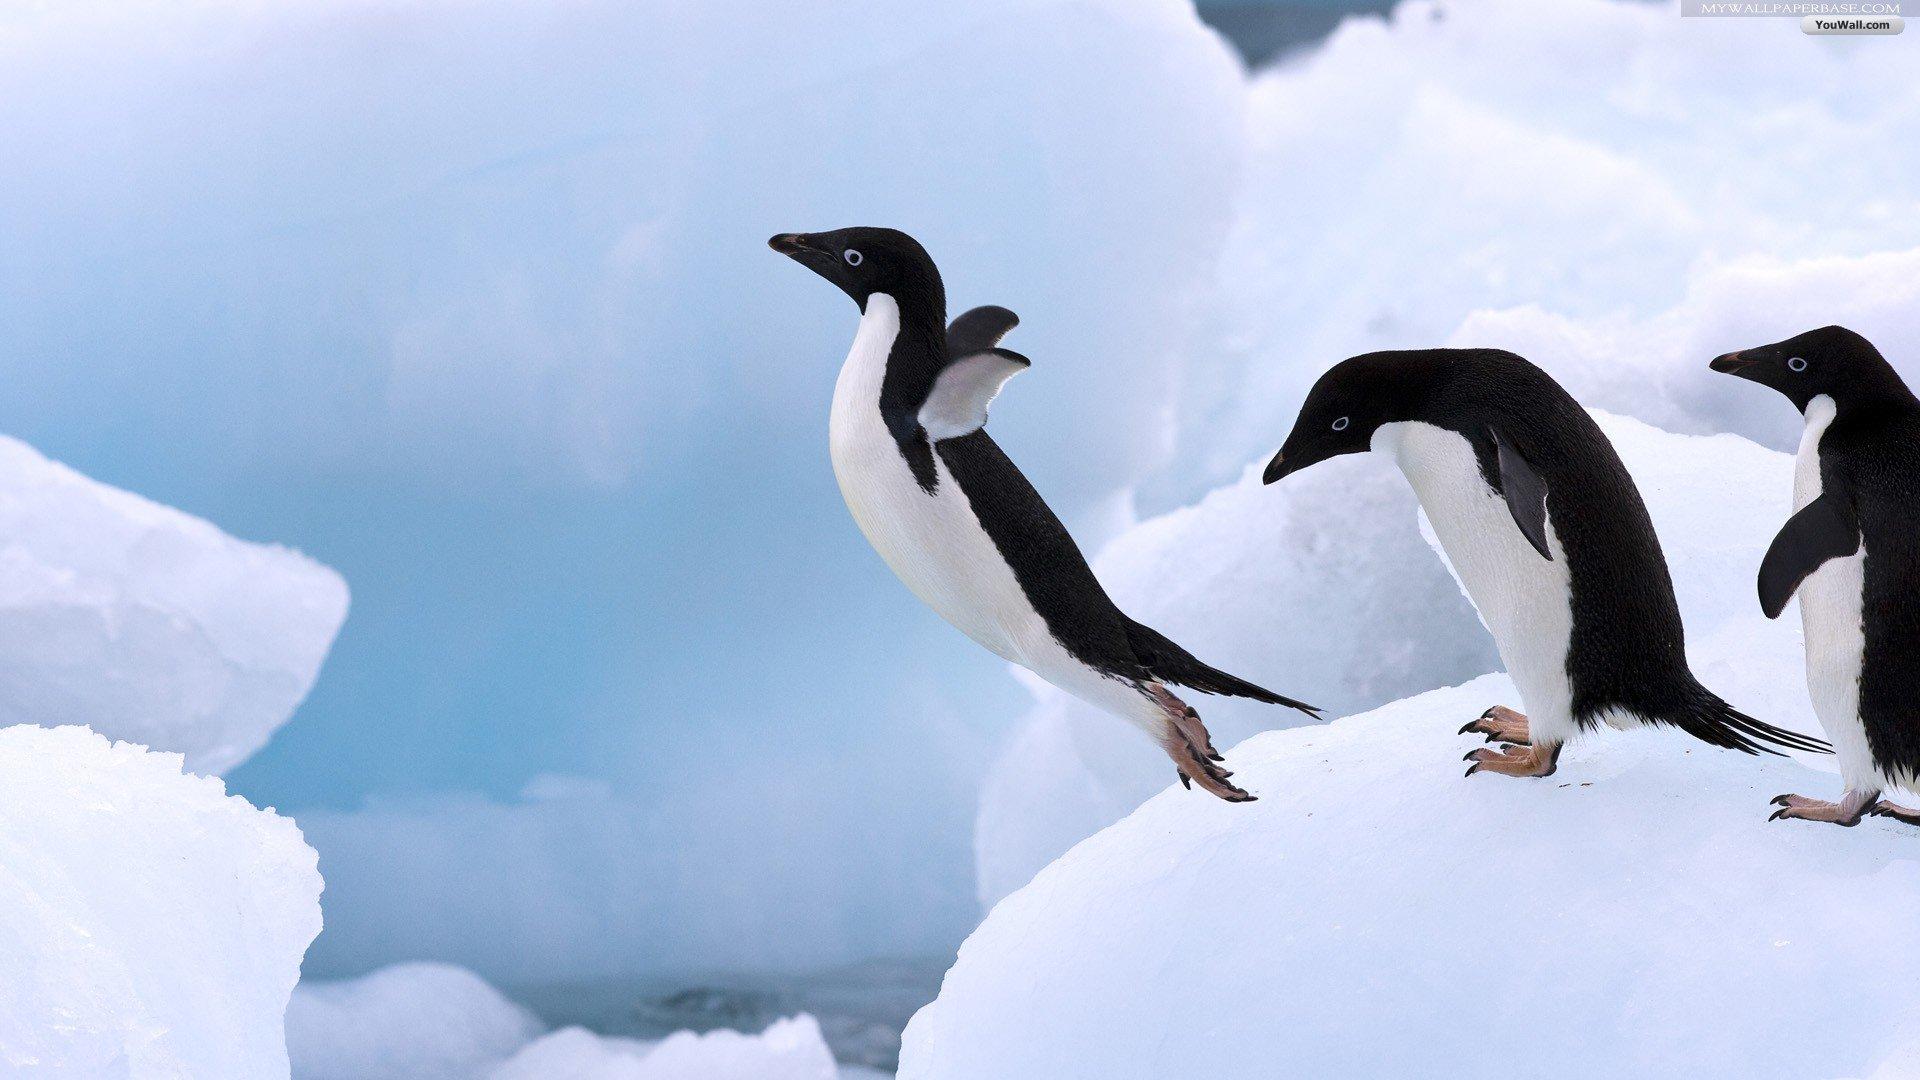 Penguin Wallpaper